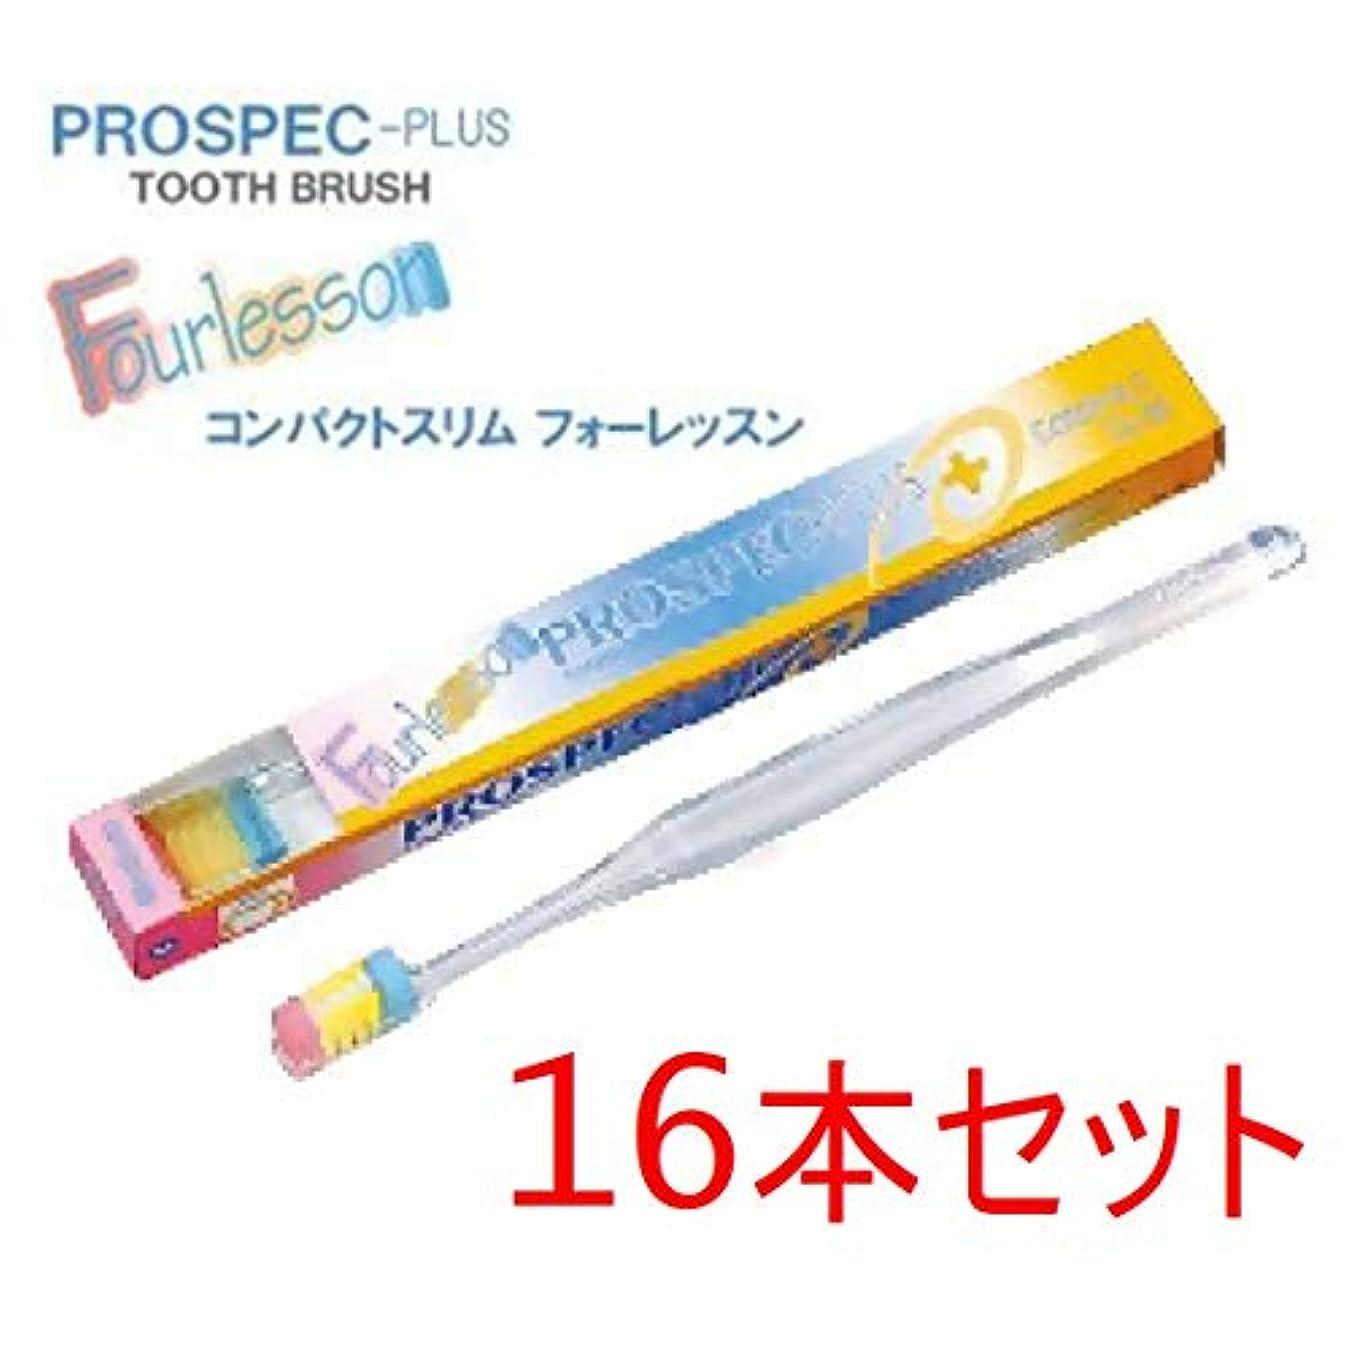 聖なる団結するで出来ているプロスペック 歯ブラシ コンパクトスリム 16本 フォーレッスン 毛の硬さ ふつう